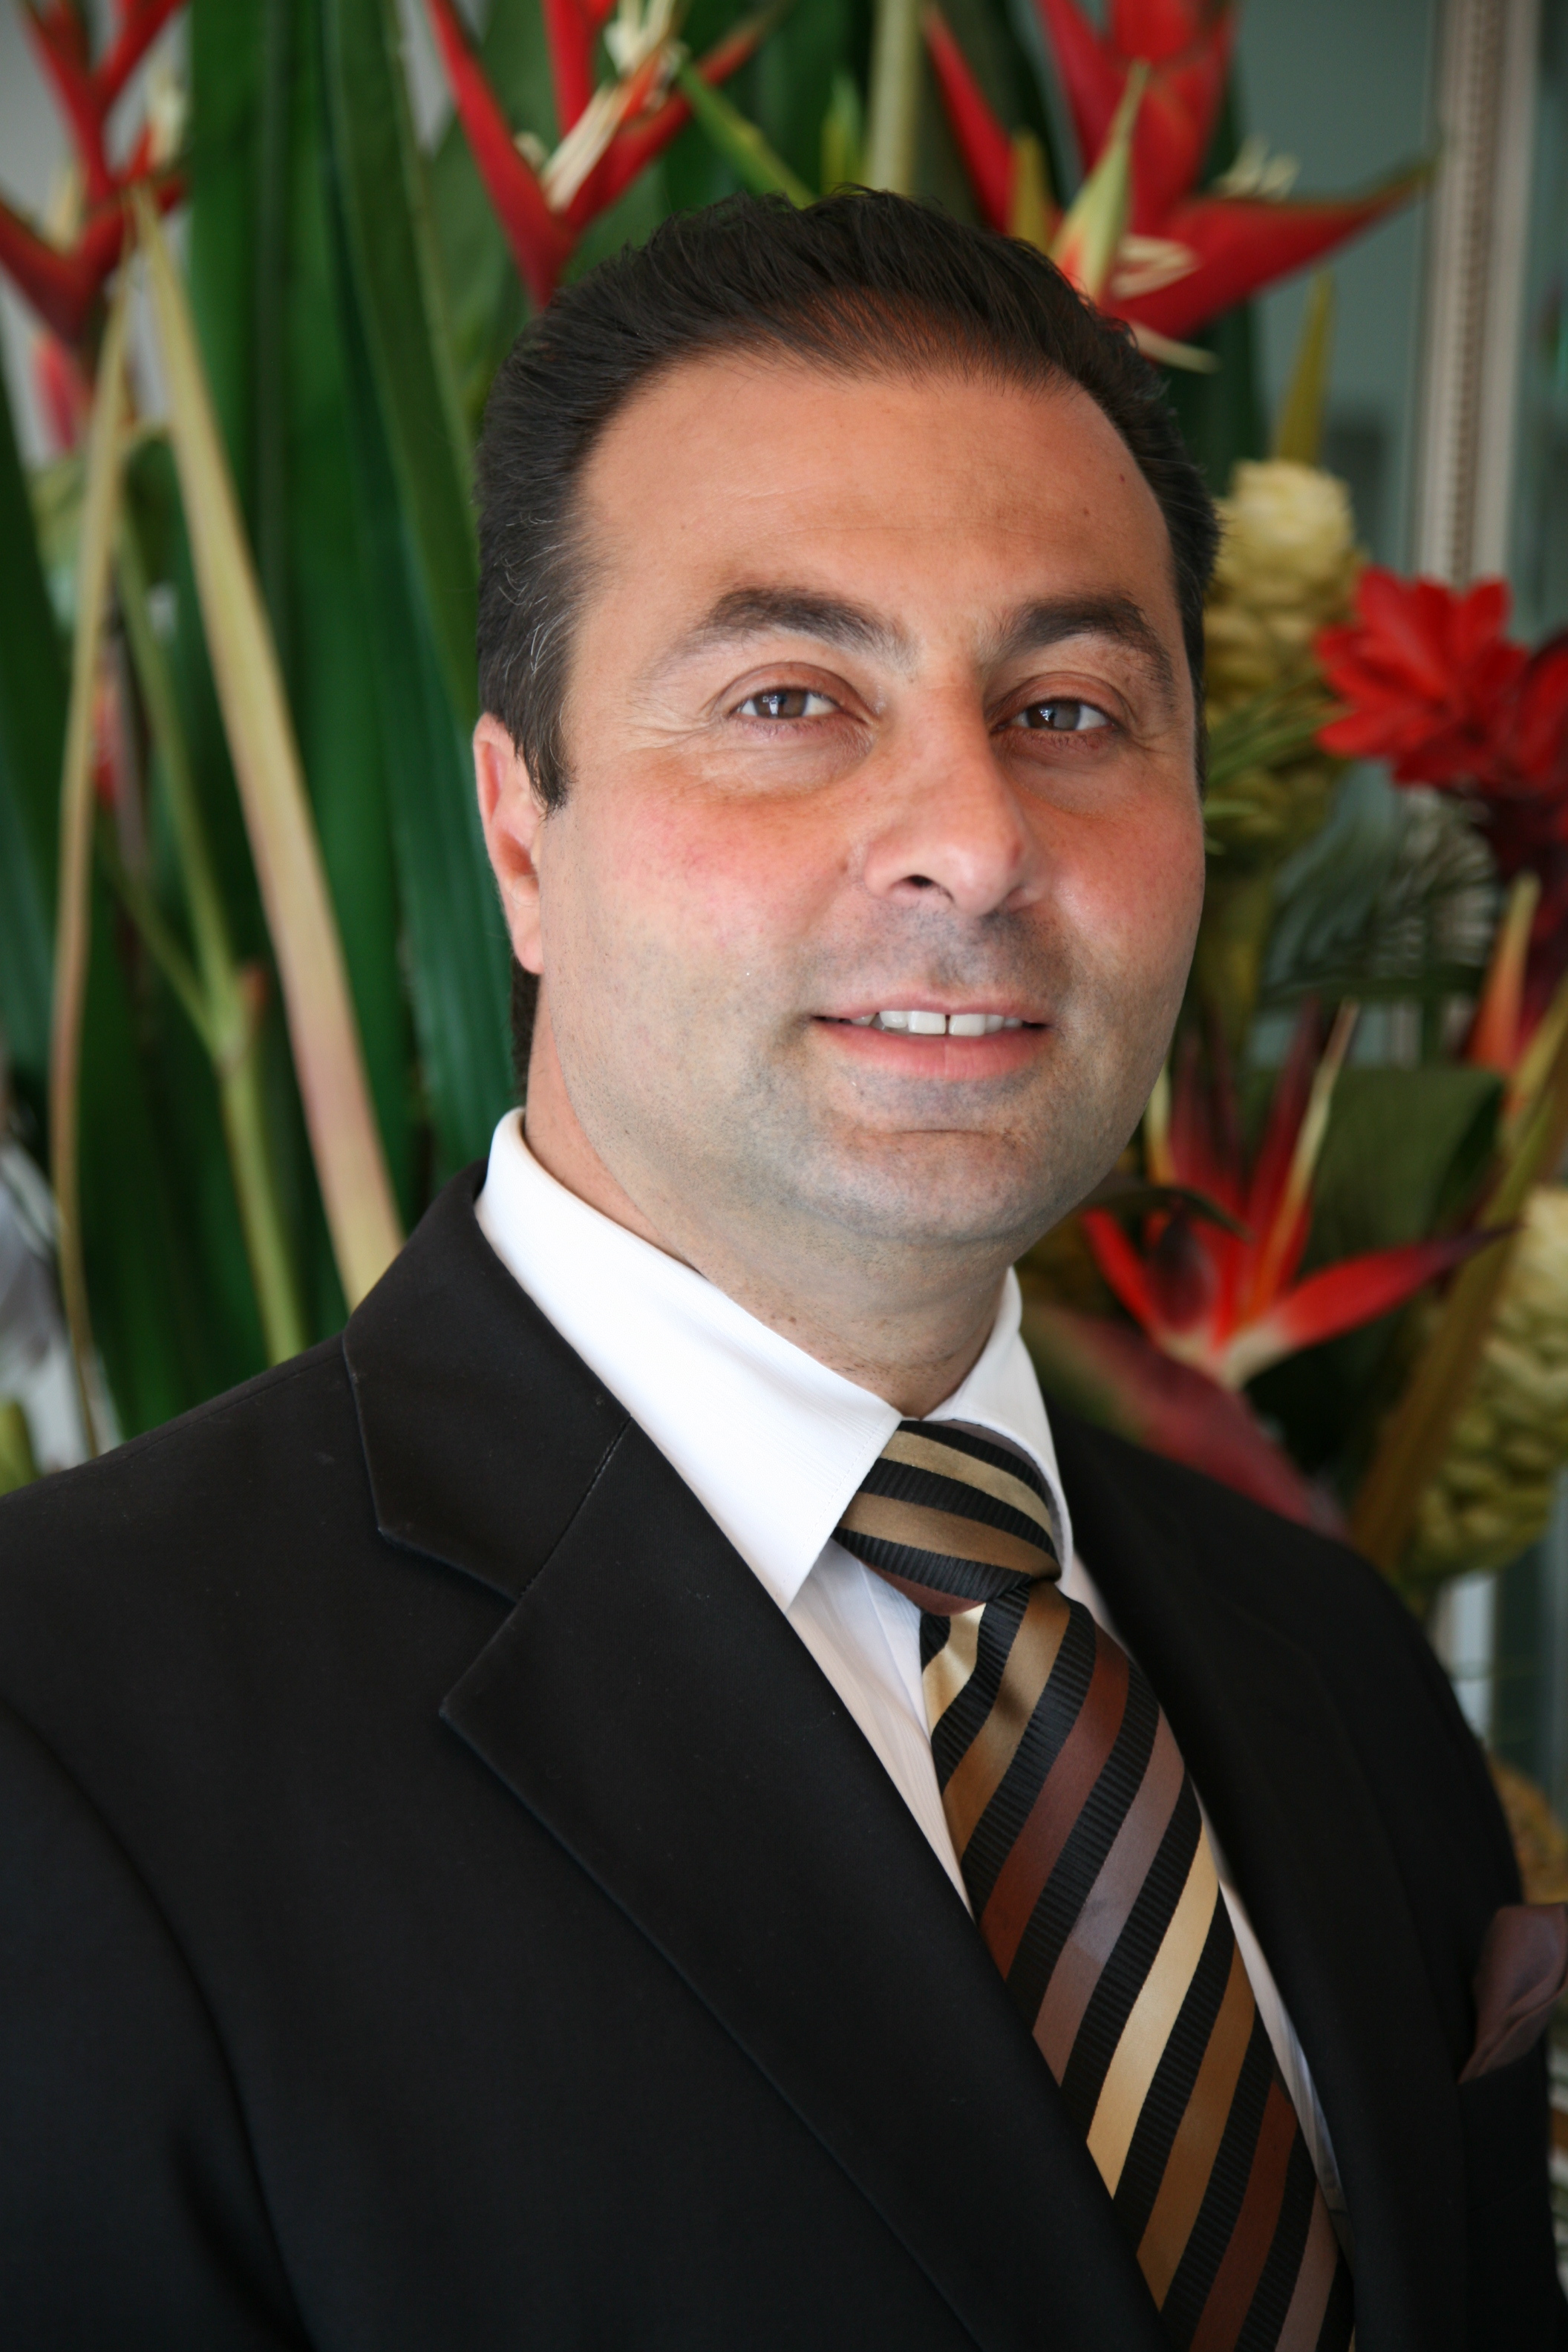 Funeral Directors Sydney – Andrew Valerio